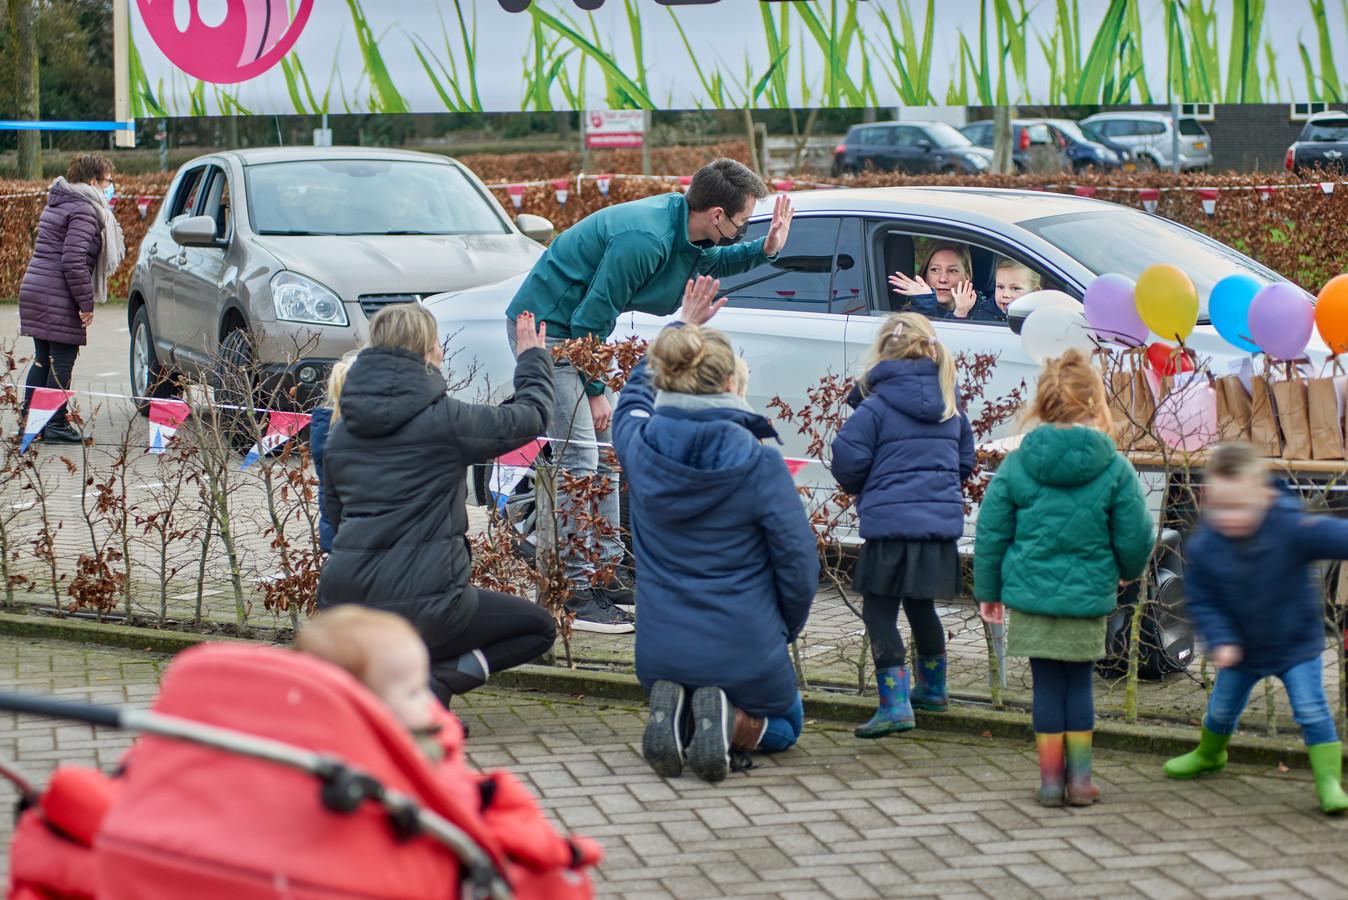 Lauren Aalbers zwaait met haar moeder Joyce vanuit de auto naar Pieter Elissen en andere medewerkers van Het Snuitje in Veghel.